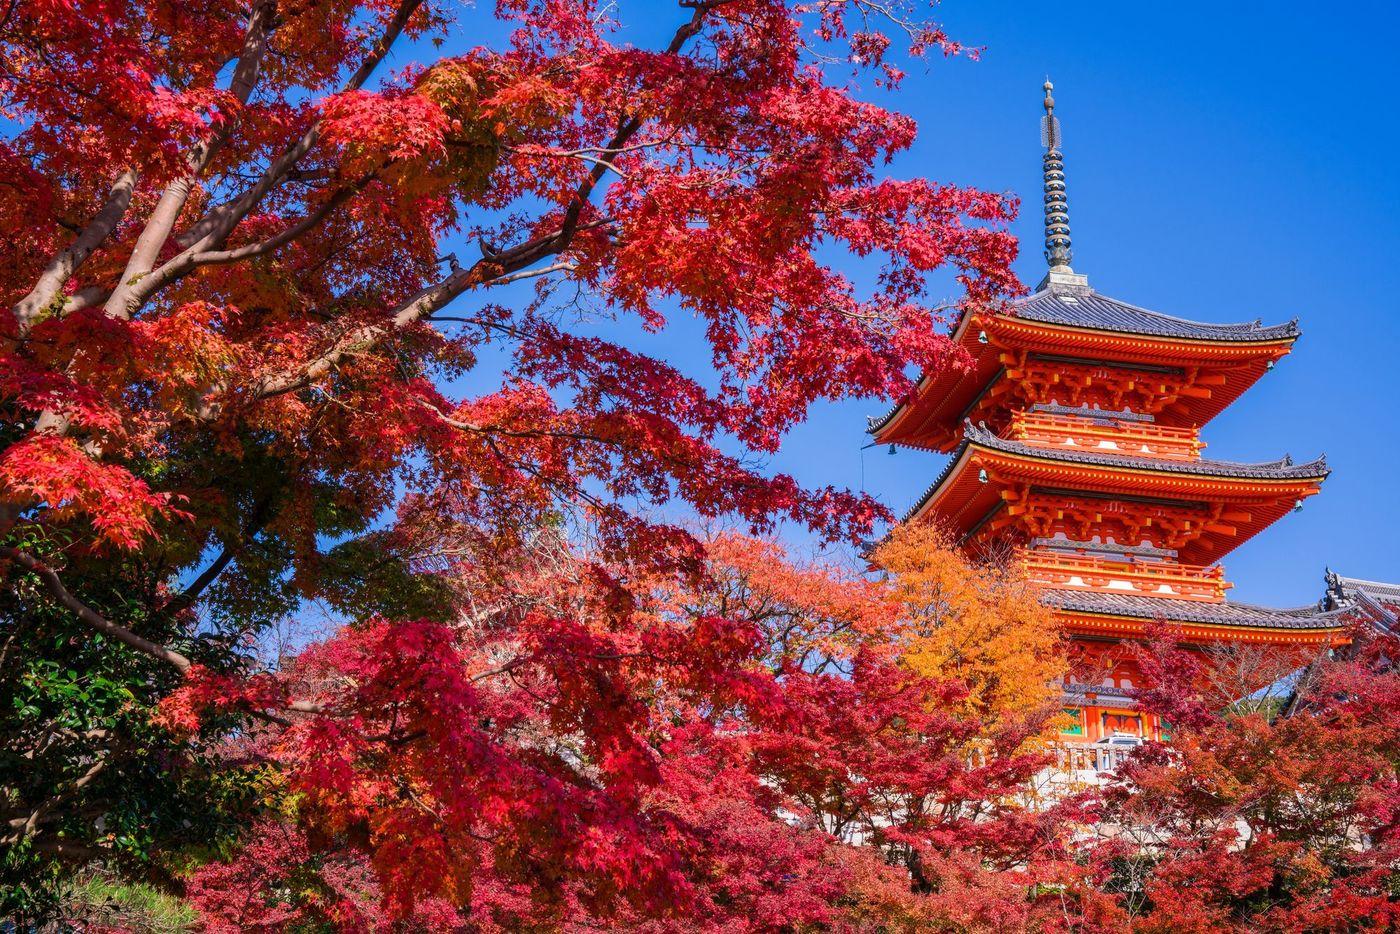 【2020最新】京都で紅葉が堪能できるスポット6選!12月が見頃の画像